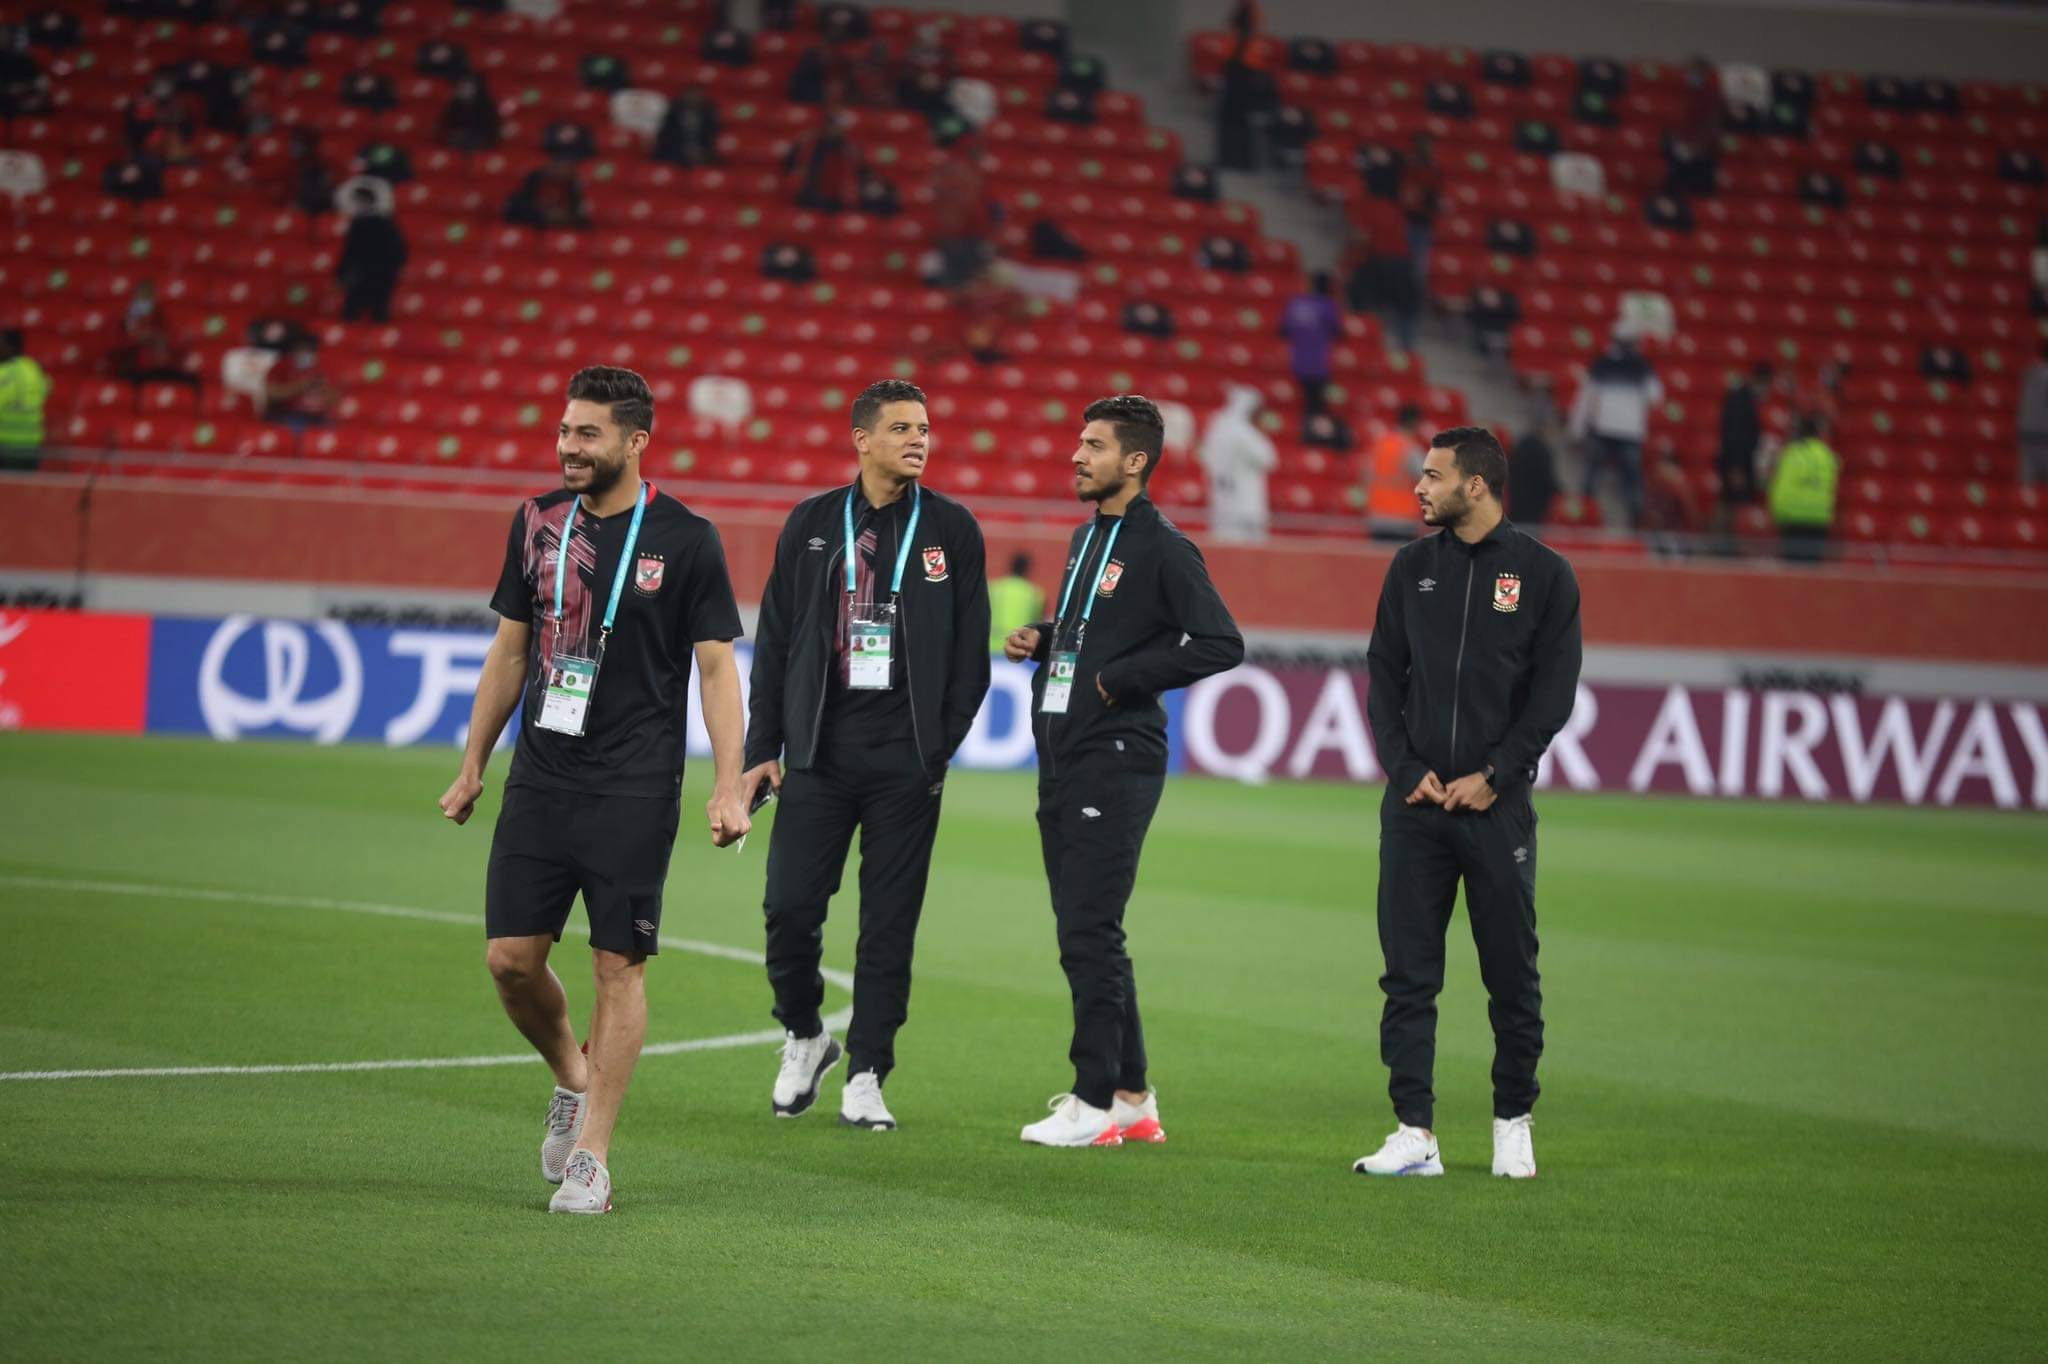 الأهلي في المونديال| لاعبو الفريق يتفقدون ملعب أحمد بن علي